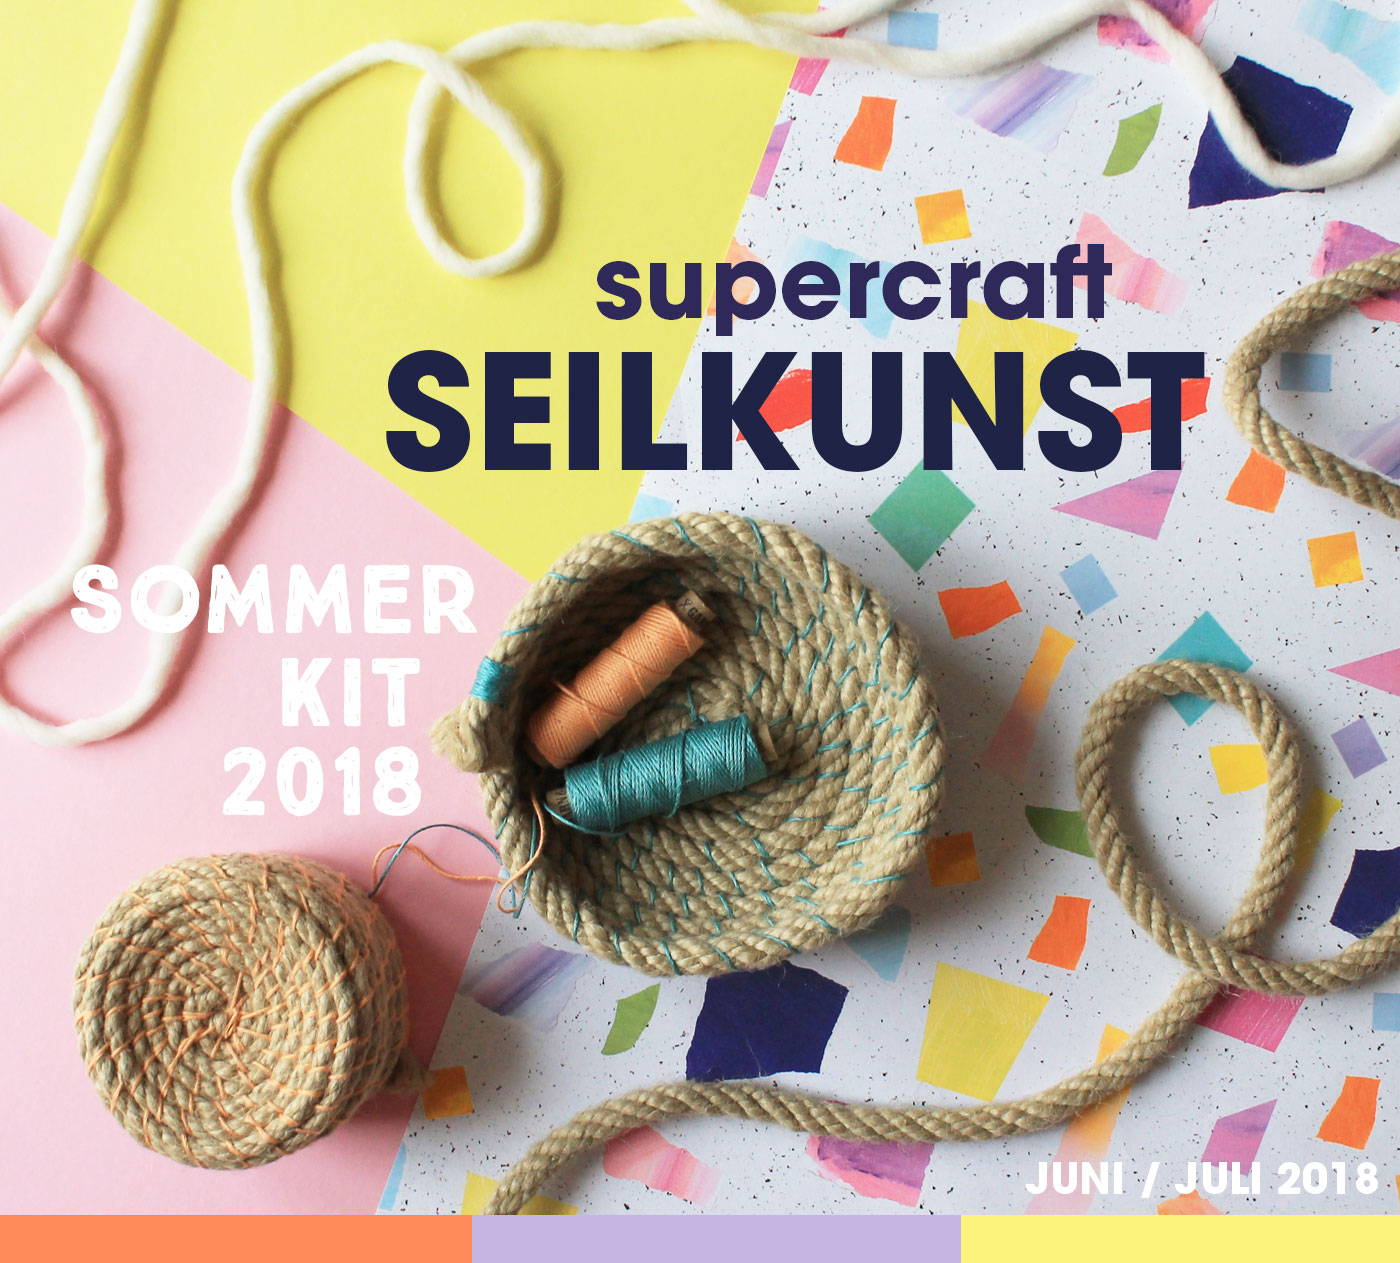 Kit 36 - Sommer 2018